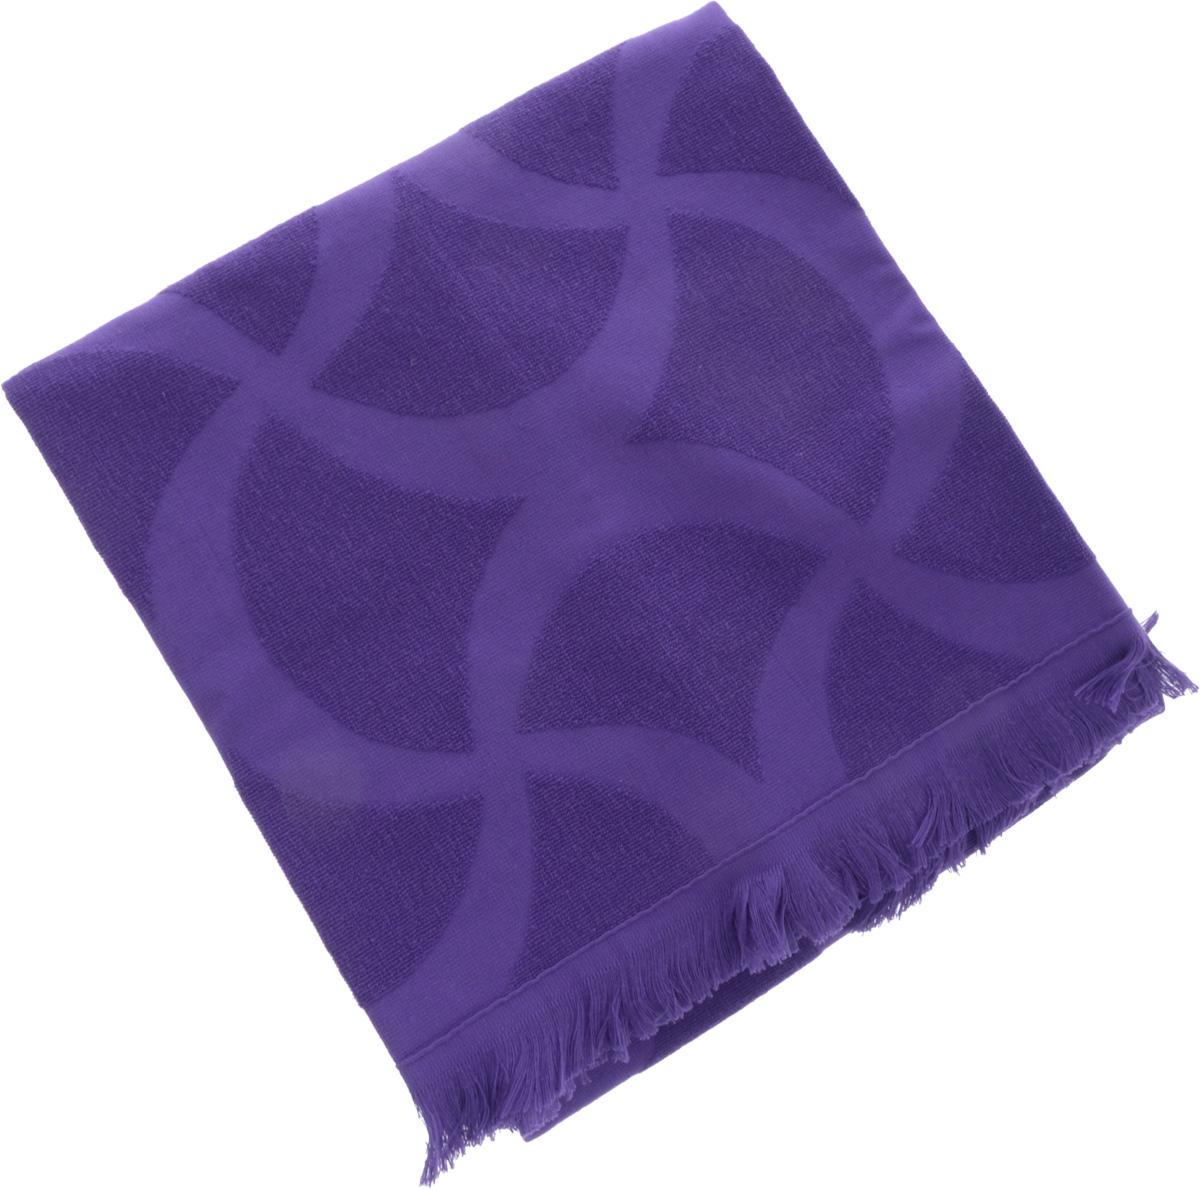 Полотенце Issimo Home Rondelle, цвет: фиолетовый, 50 x 90 см5005Полотенце Issimo Home Rondelle выполнено из 100% хлопка. Изделие отлично впитывает влагу, быстро сохнет, сохраняет яркость цвета и не теряет форму даже после многократных стирок. Полотенце очень практично и неприхотливо в уходе. Оно прекрасно дополнит интерьер ванной комнаты.